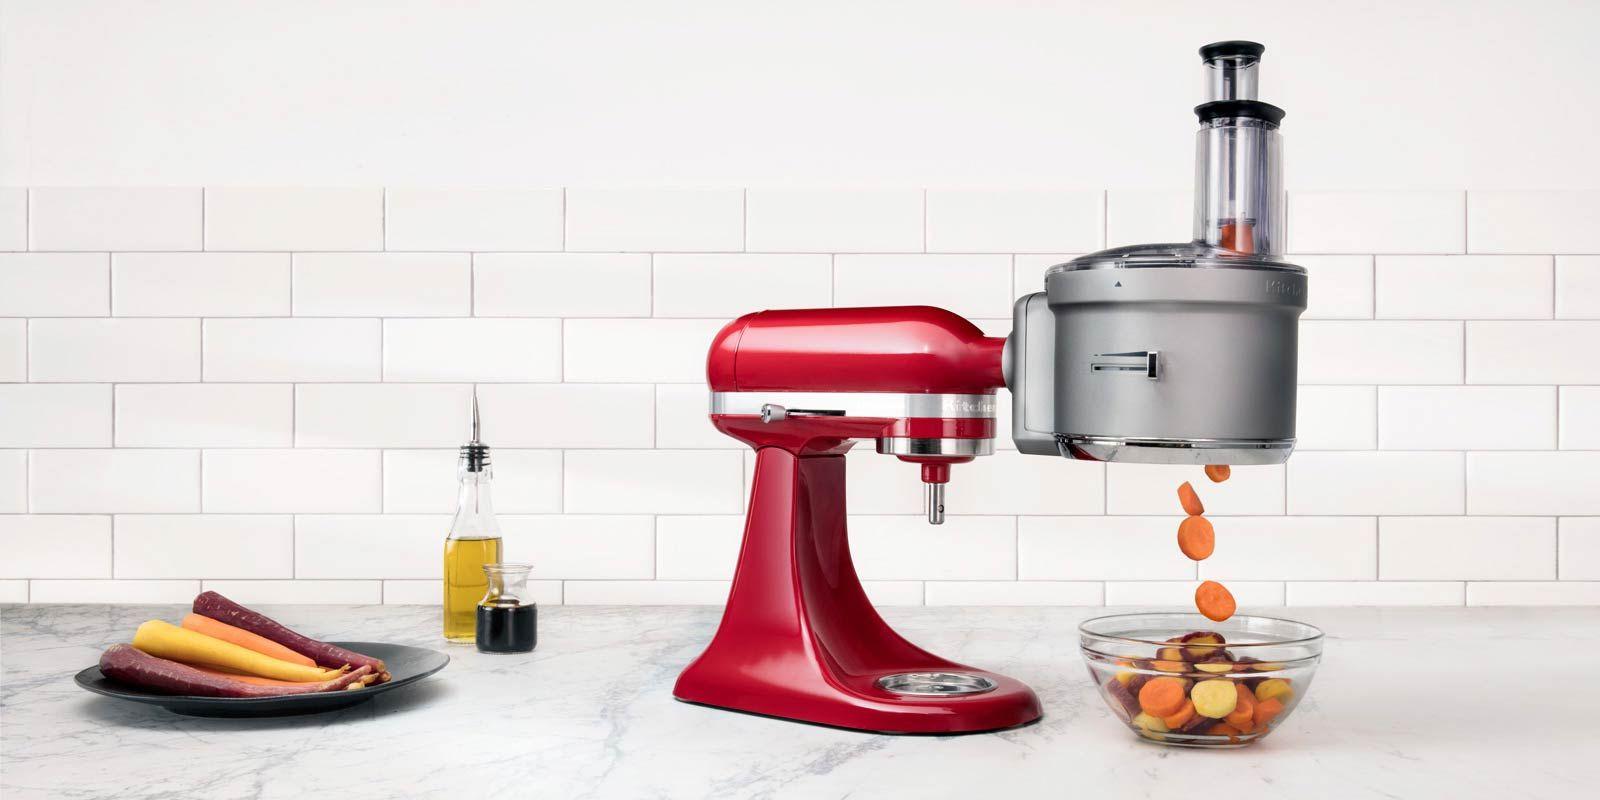 Optionales Zubehör für die KitchenAid-Küchenmaschine.   Kitchen aid ...